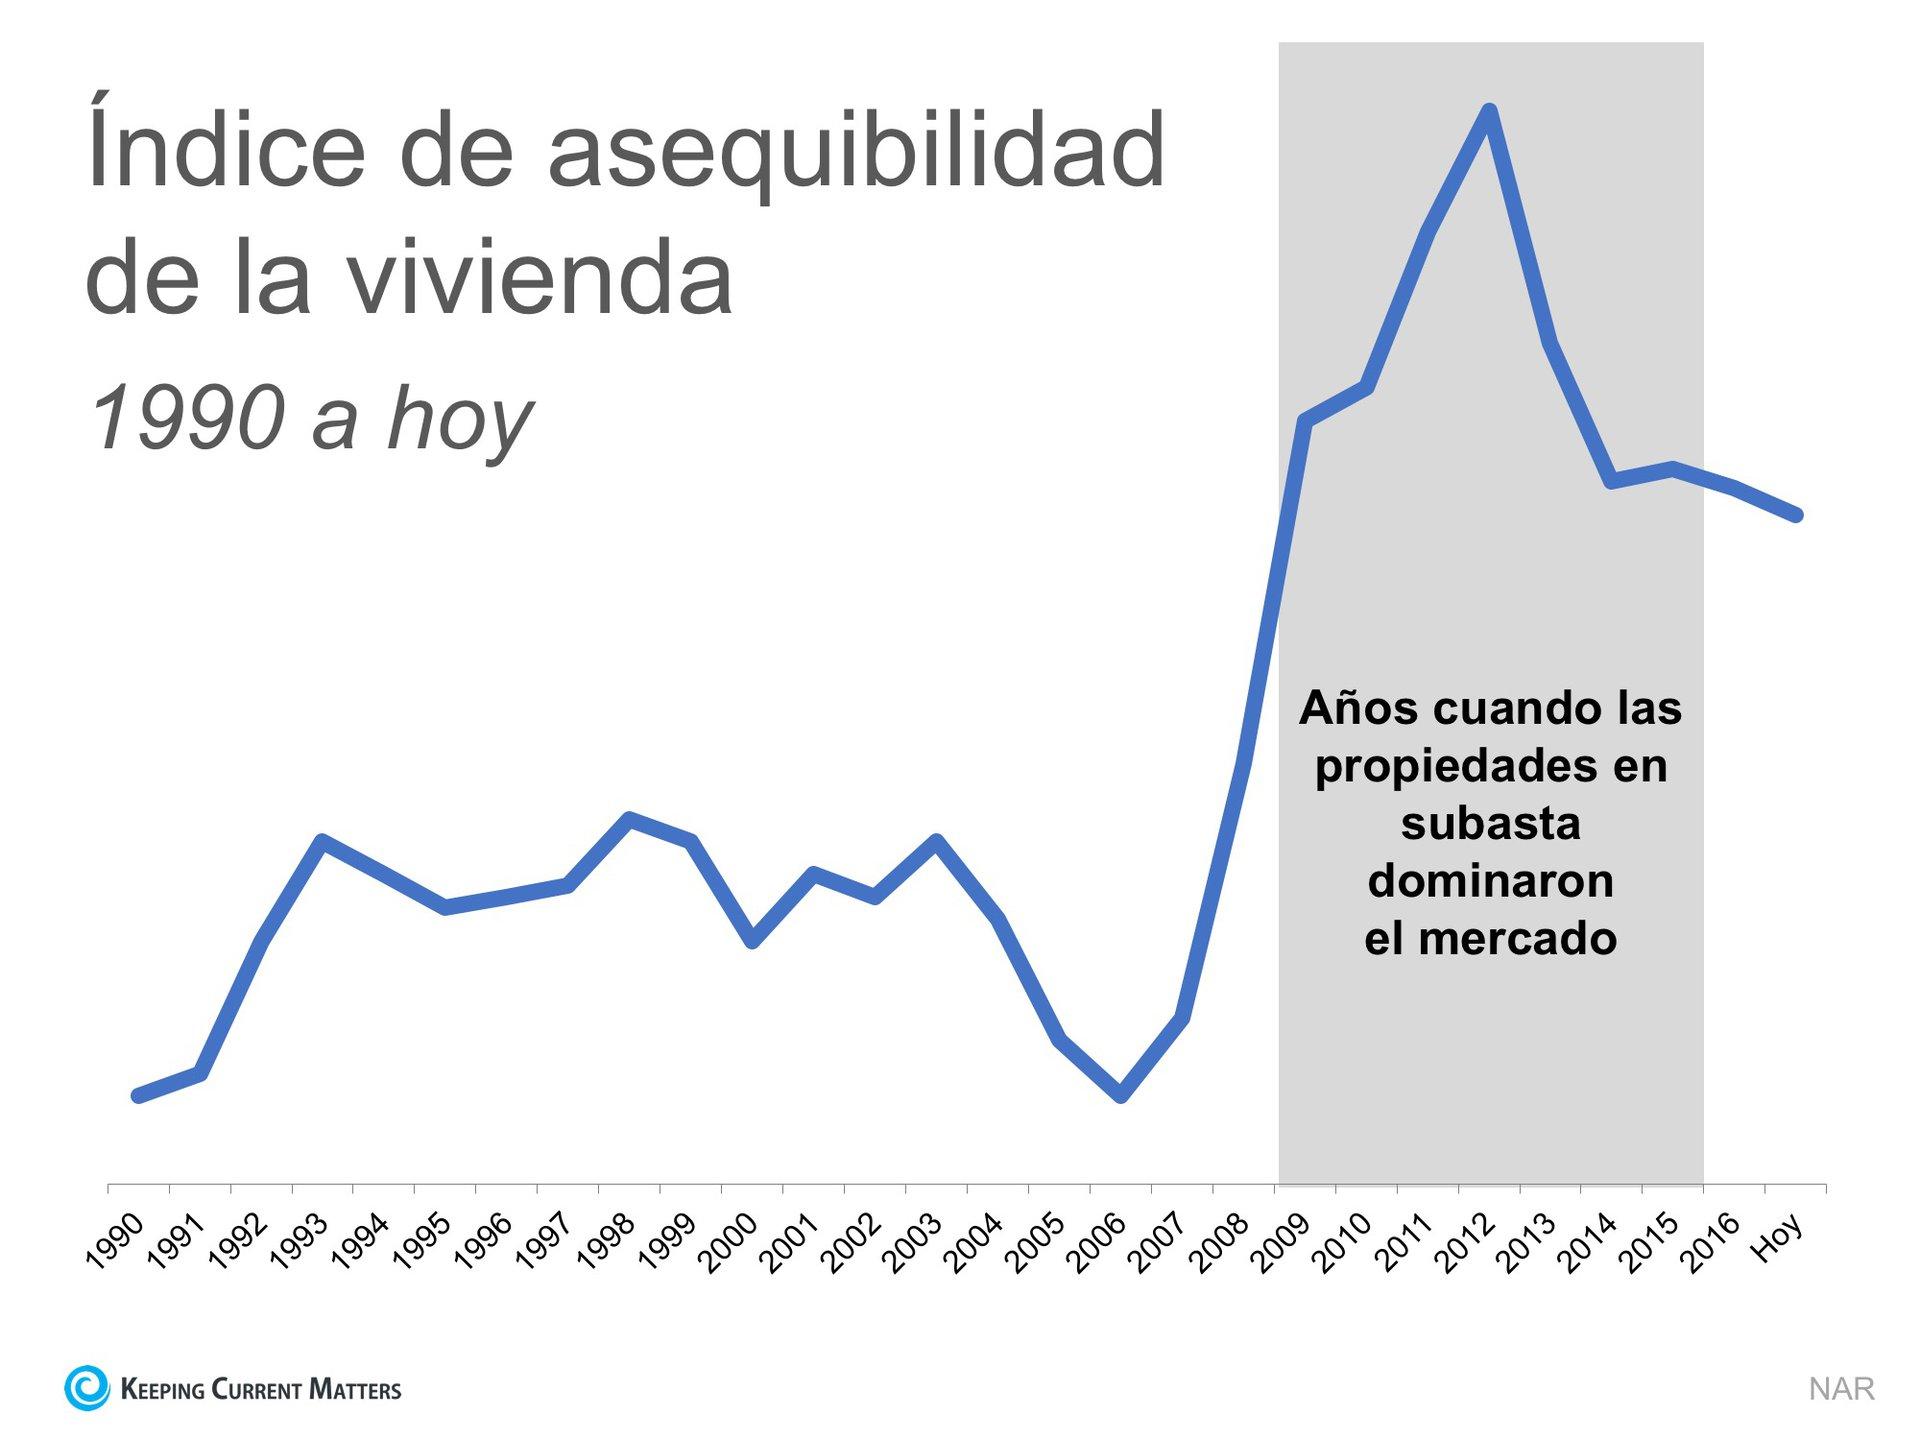 2 gráficas que muestran la verdad sobre la asequibilidad de la vivienda | Keeping Current Matters